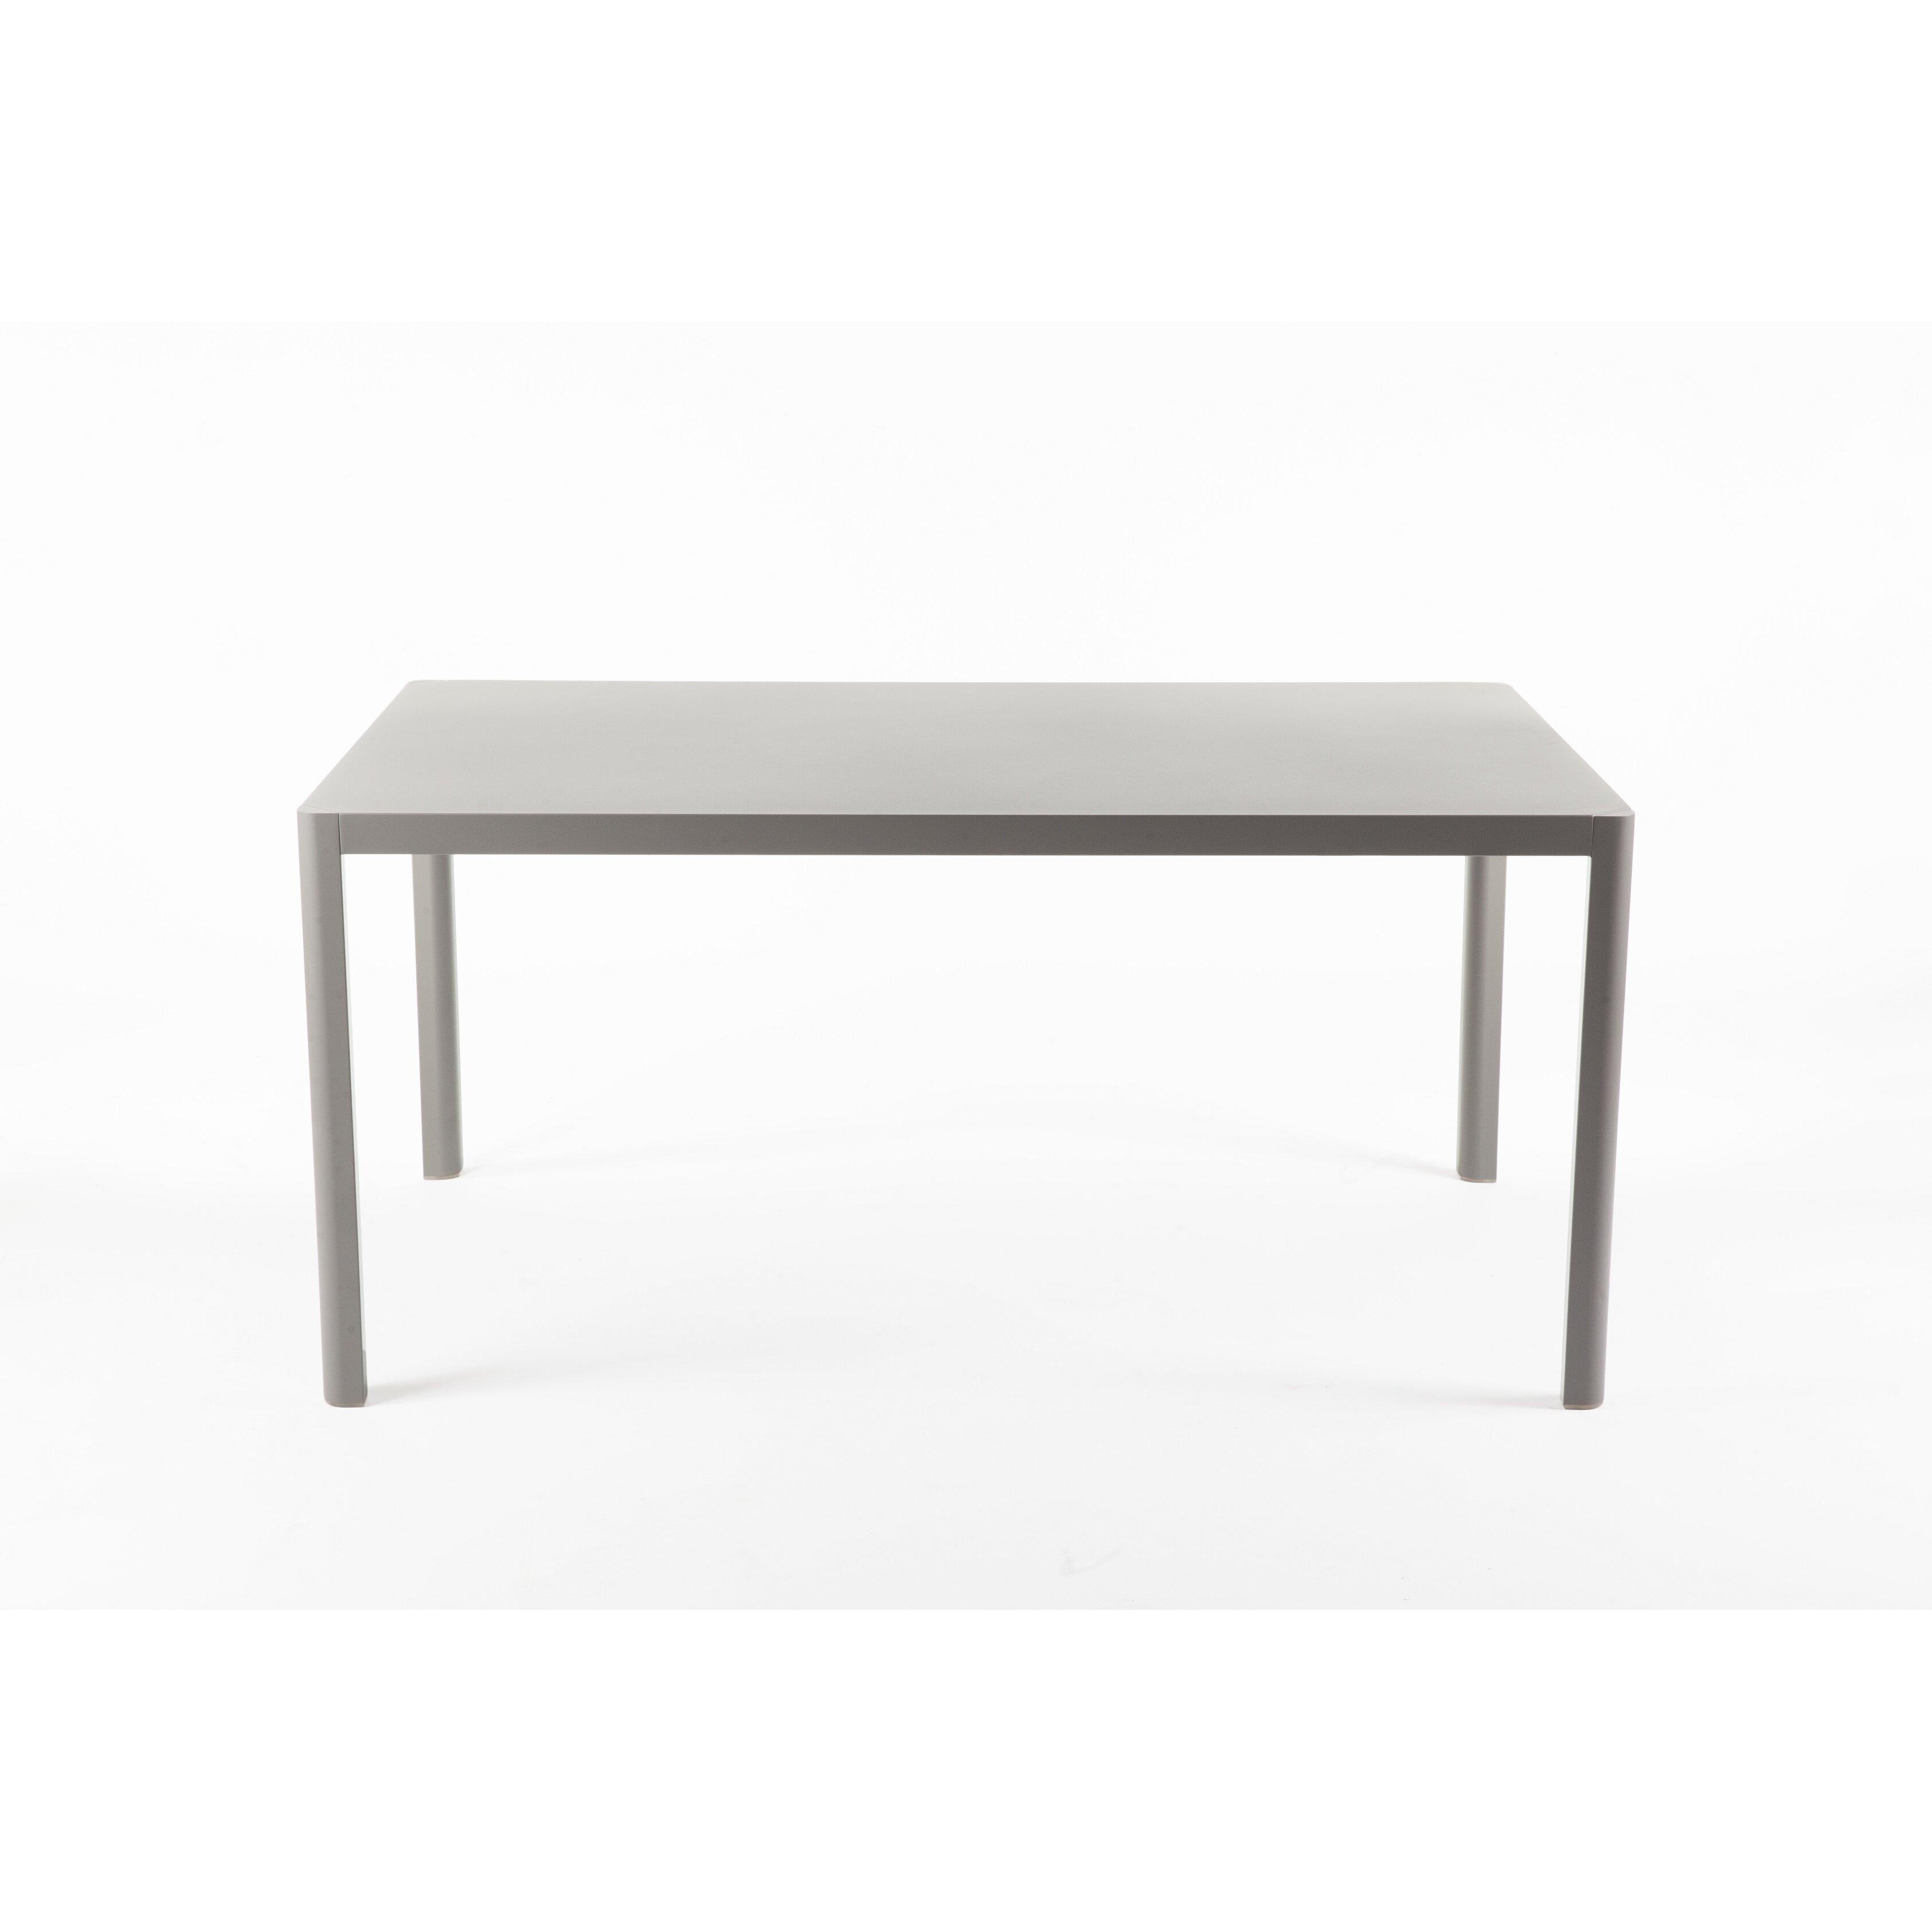 dCOR design Schwaz Dining Table Wayfair : dCOR design Schwaz Dining Table from www.wayfair.com size 3370 x 3370 jpeg 161kB